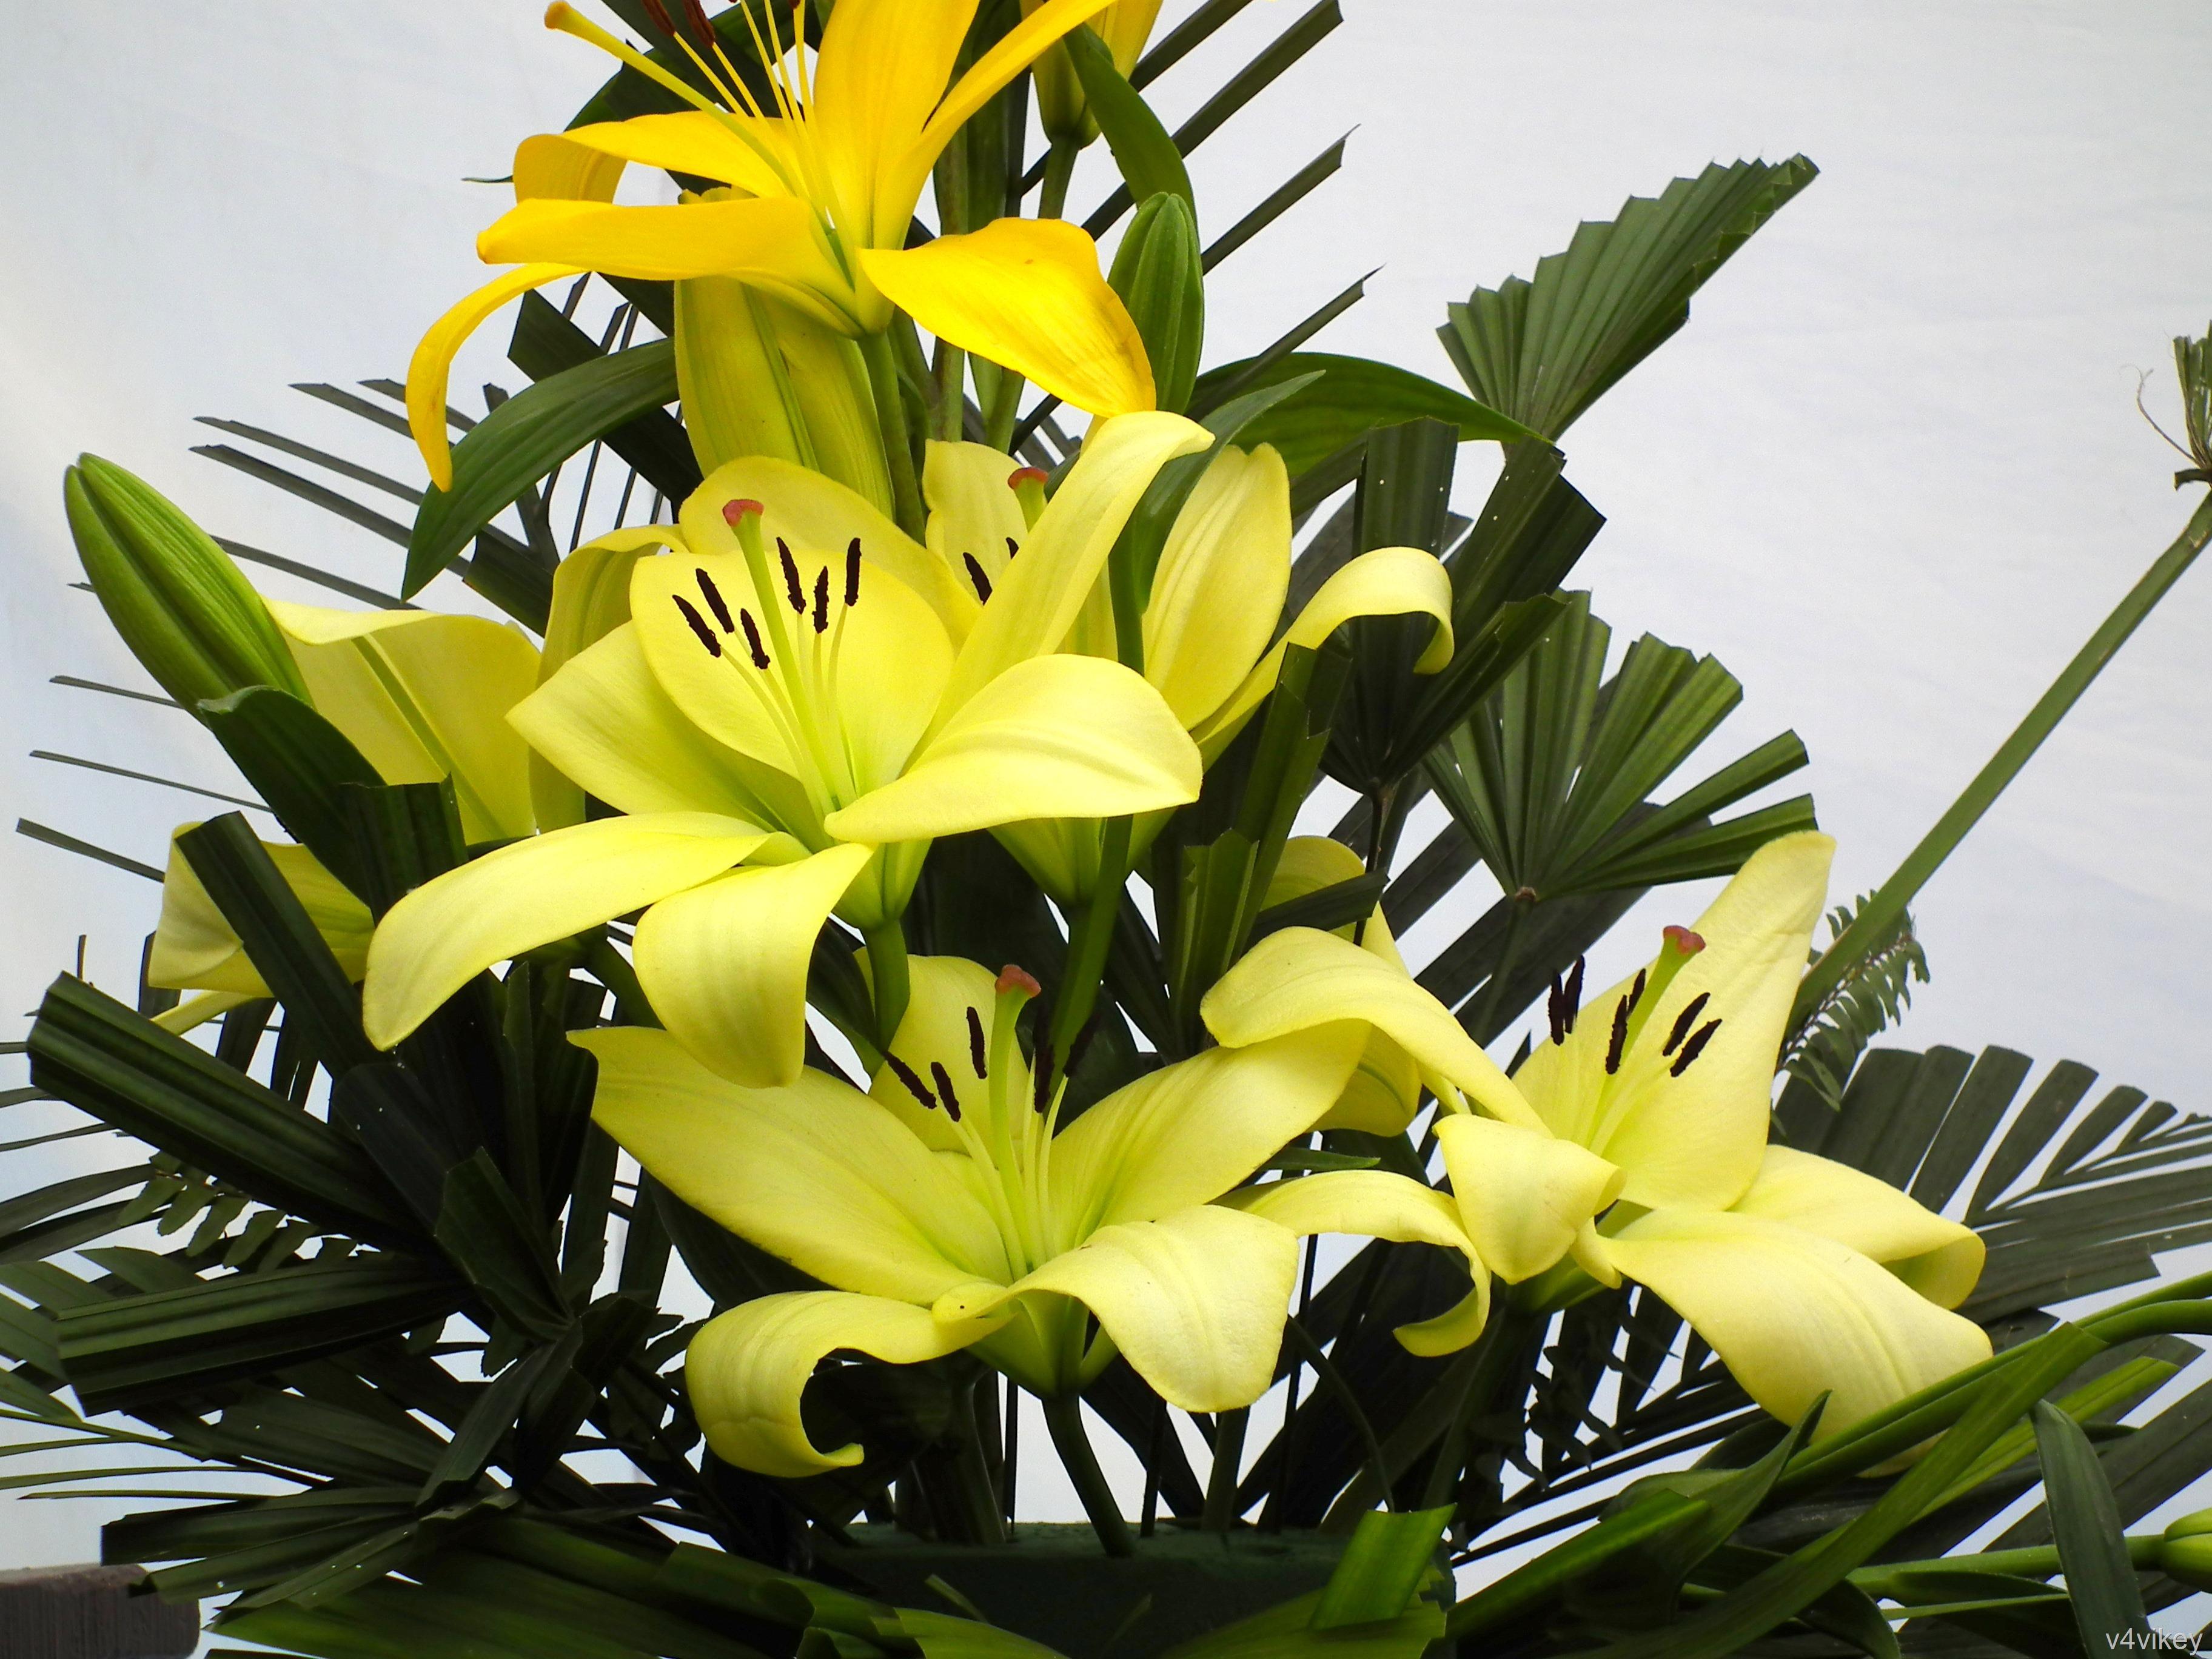 Lily Flower Bouquet Wallpaper Tadka